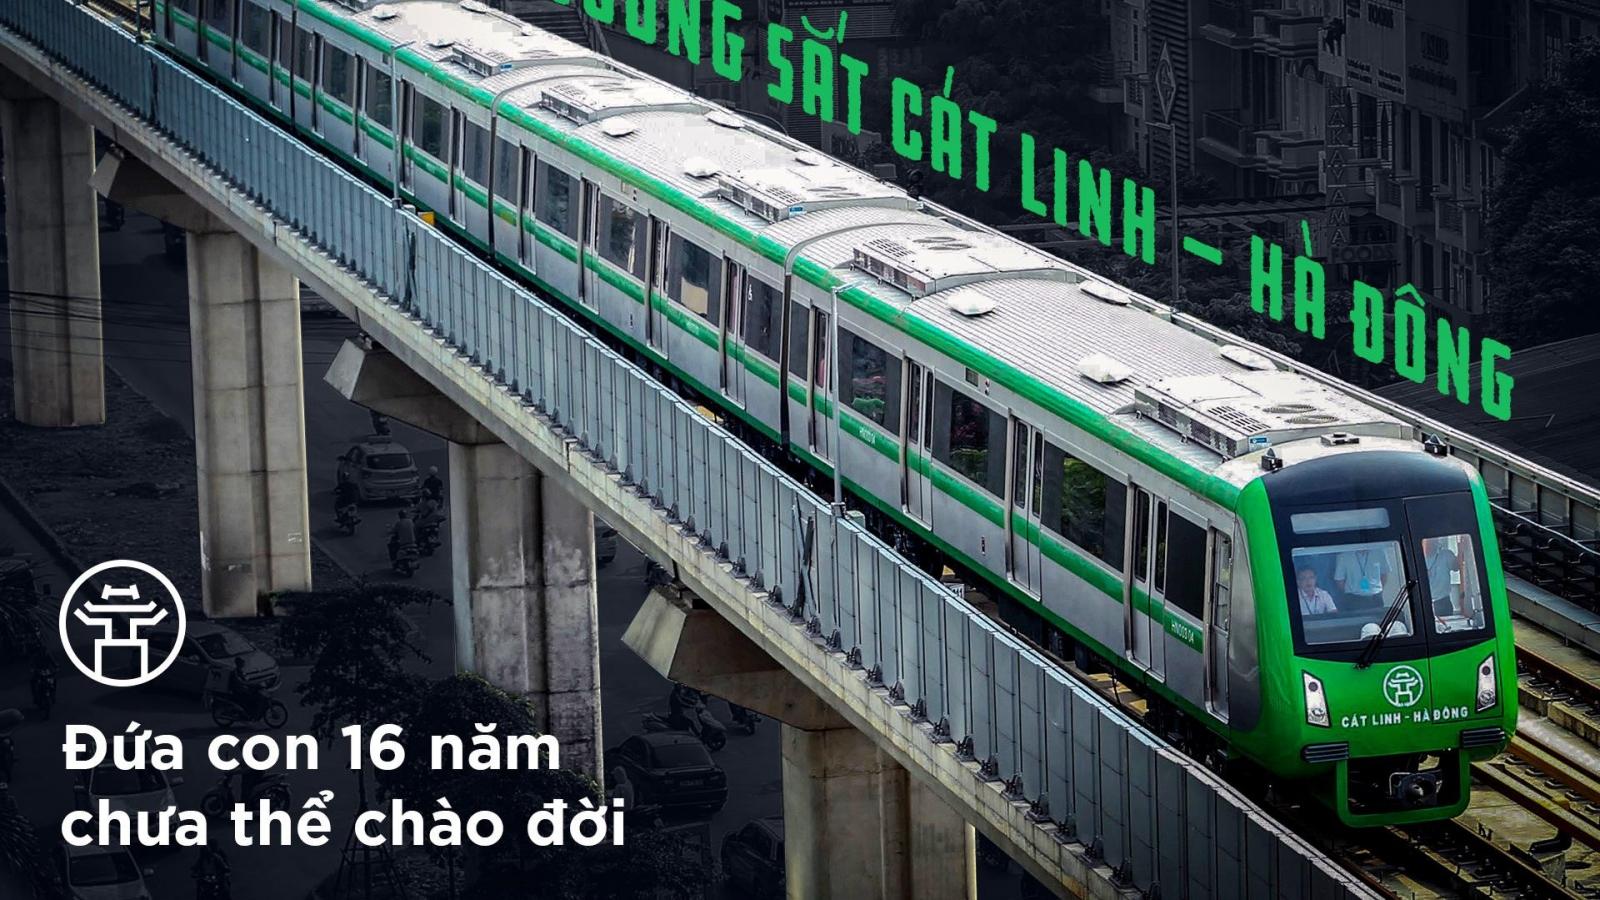 """Đường sắt Cát Linh-Hà Đông 9 lần """"lỗi hẹn"""" và lời hứa của Bộ trưởng Nguyễn Văn Thể"""